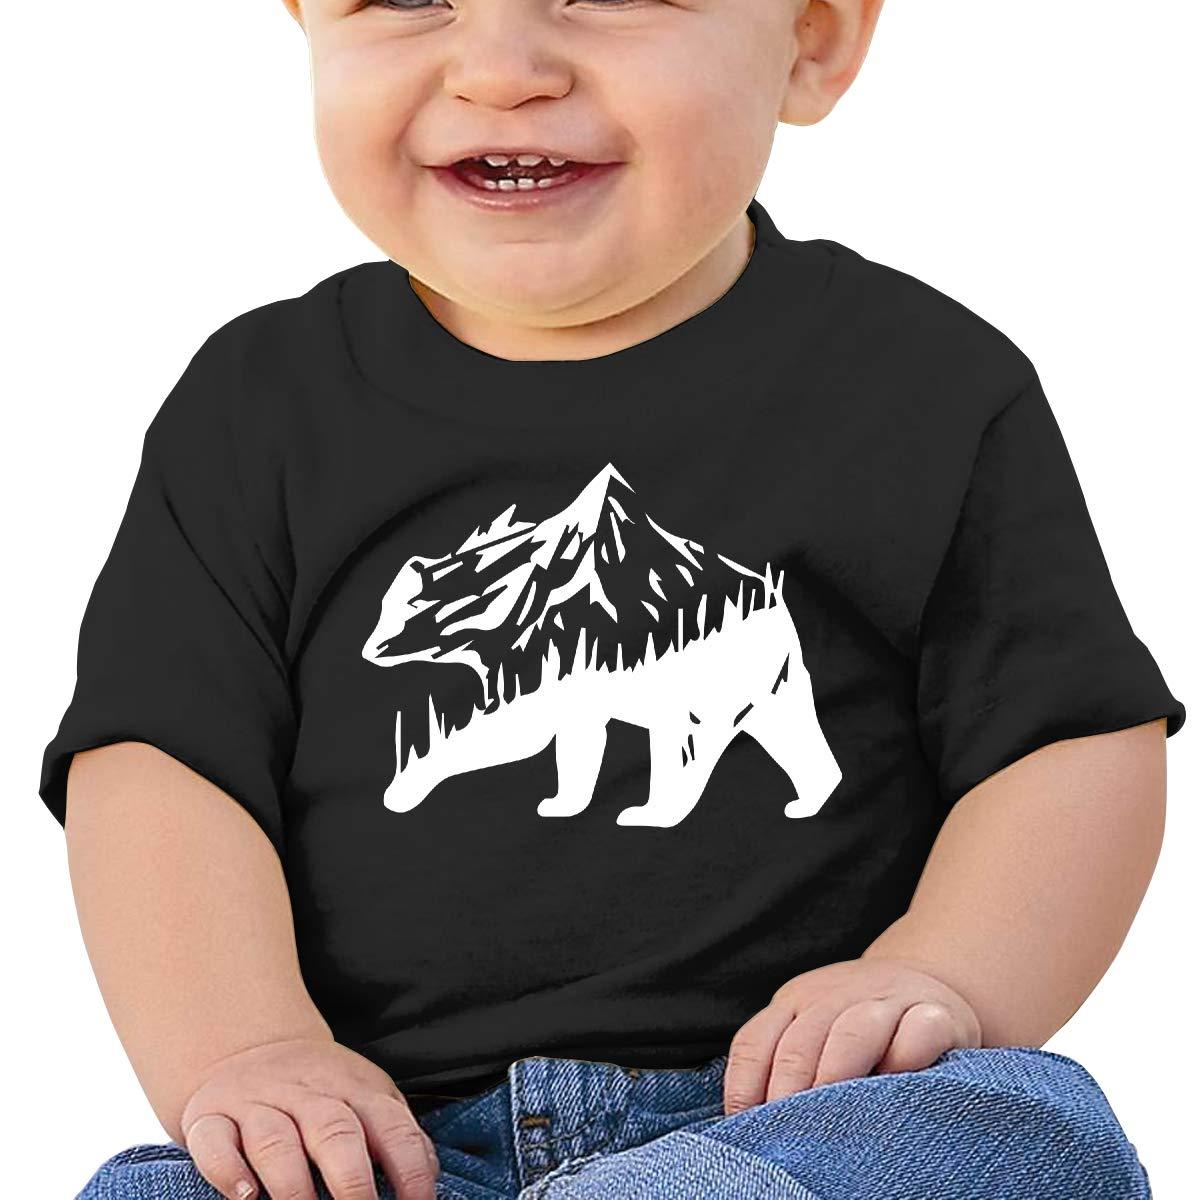 ZUGFGF-S3 Bear Mountain Baby Boy Newborn Short Sleeve T-Shirt 6-24 Month Cotton Tops